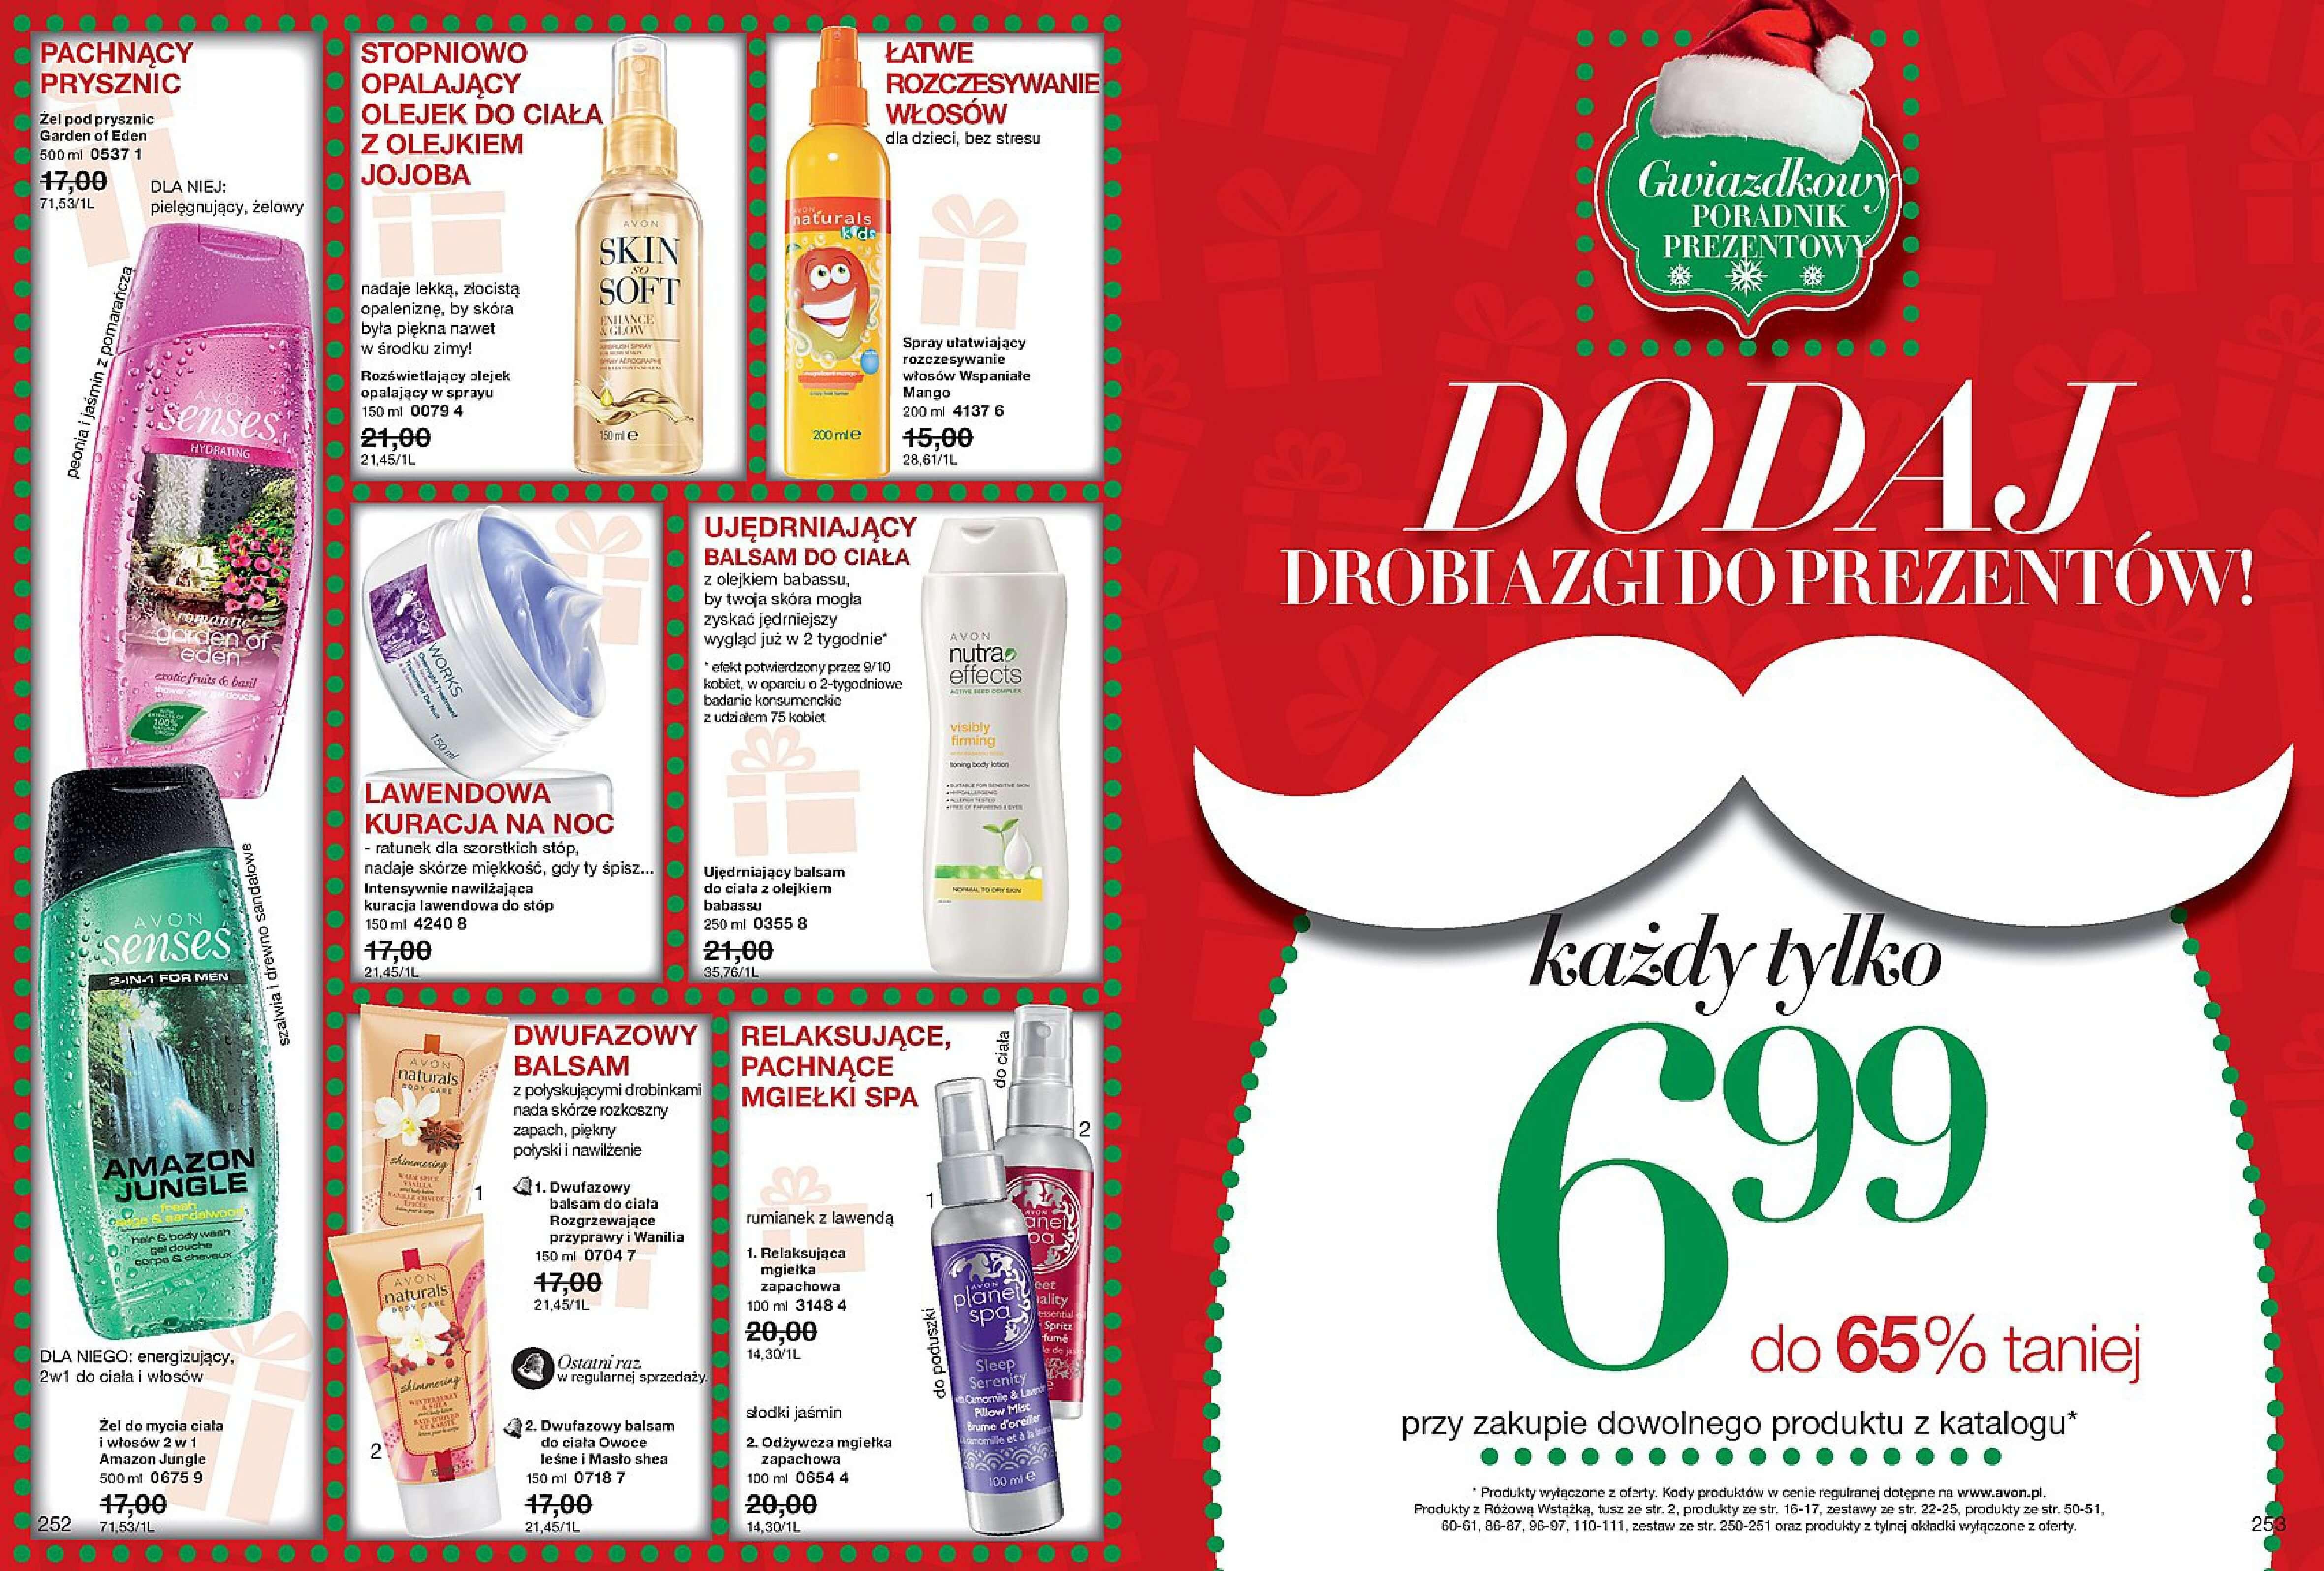 Gazetka Avon - Katalog 17/2017 Gwiazdka-29.11.2017-27.12.2017-page-127